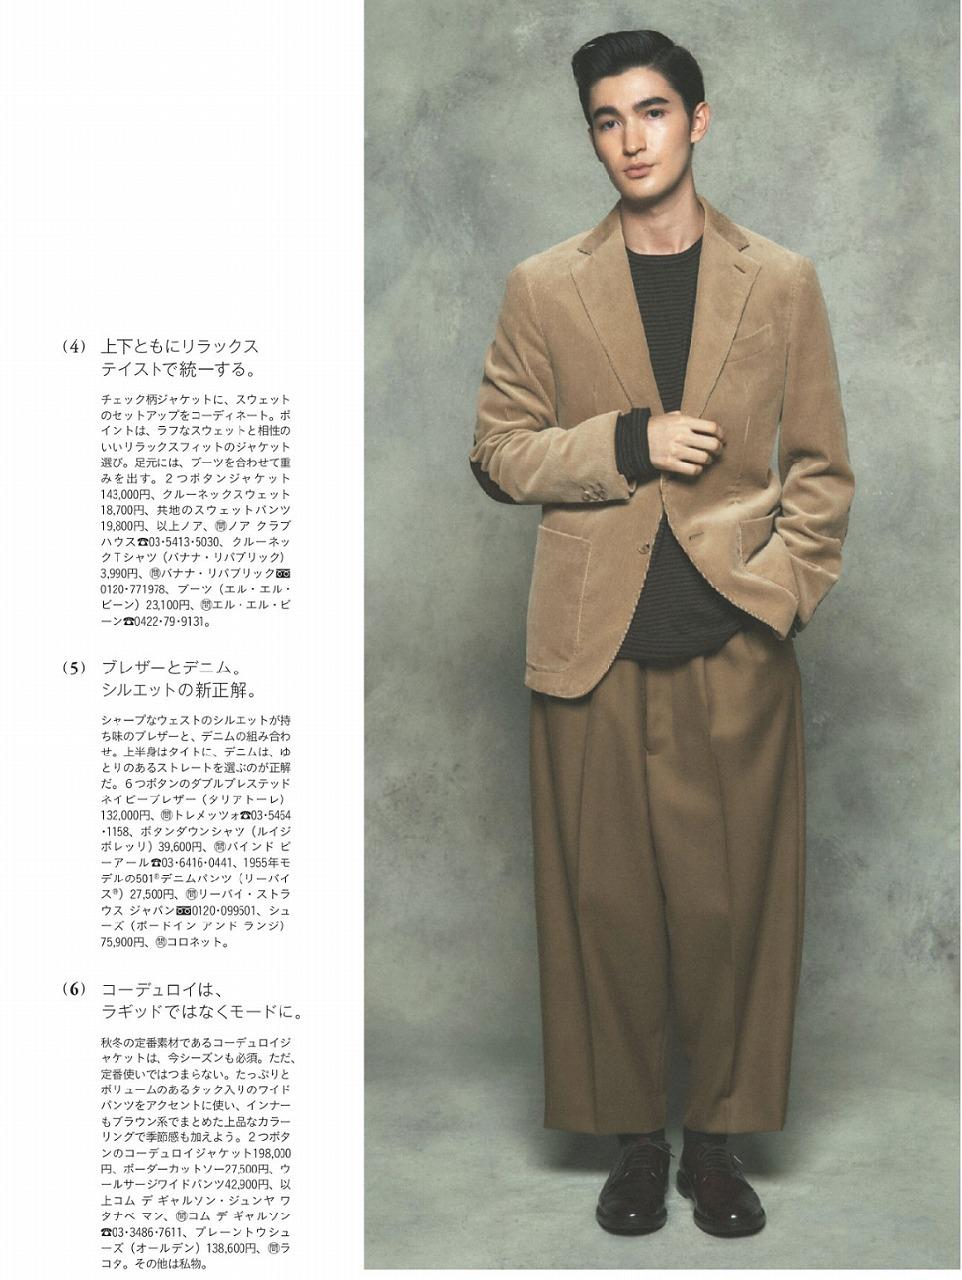 パオロ洋志<span>/ B-TOKYO</span>